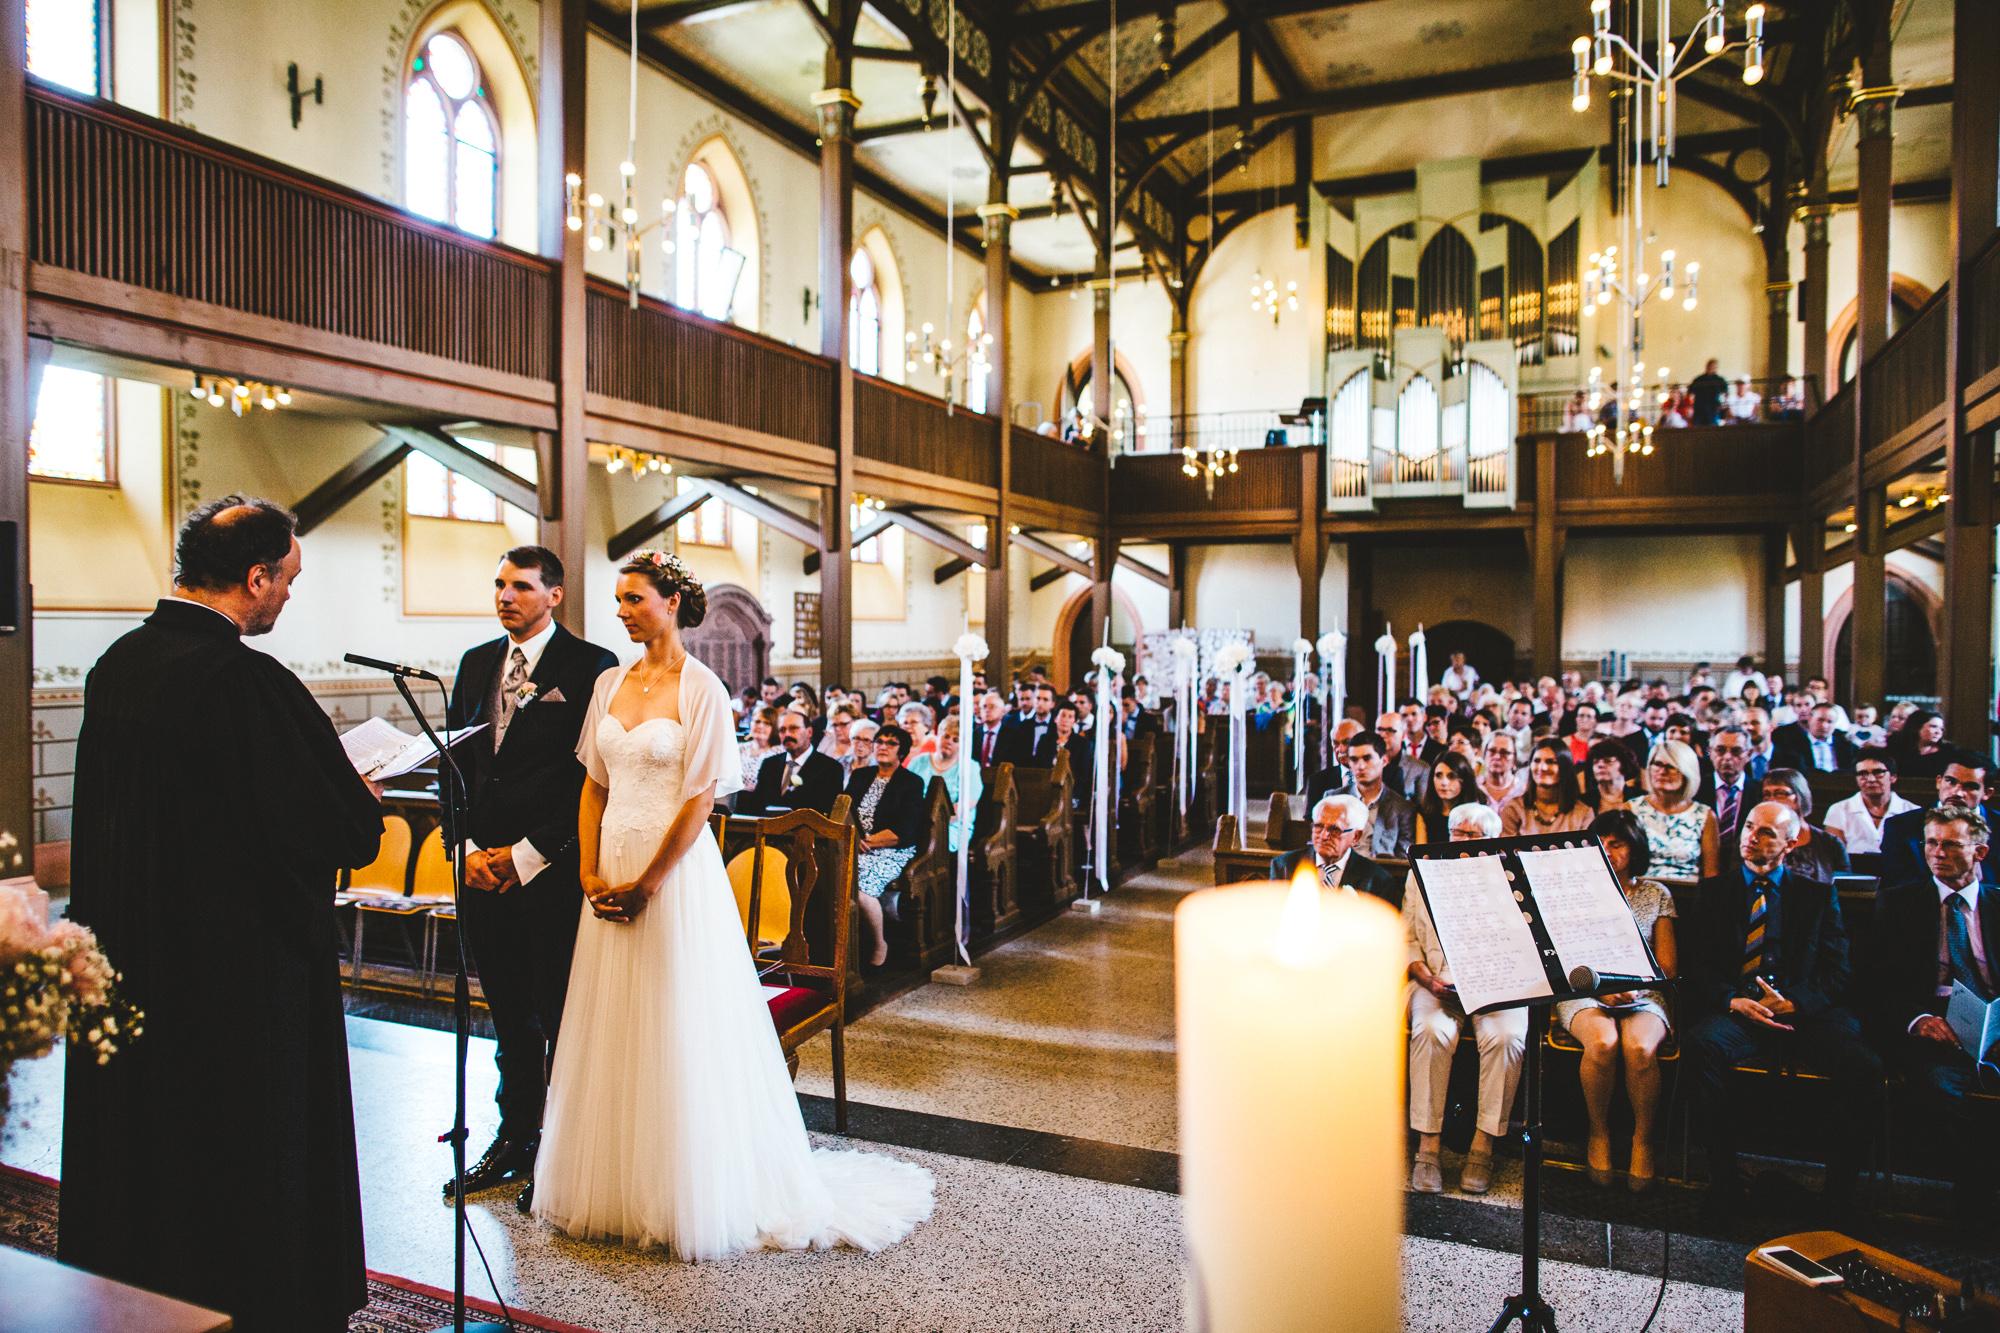 annethomas 077 - Hochzeit im wunderschönen Ladenburg in Eichenstolz